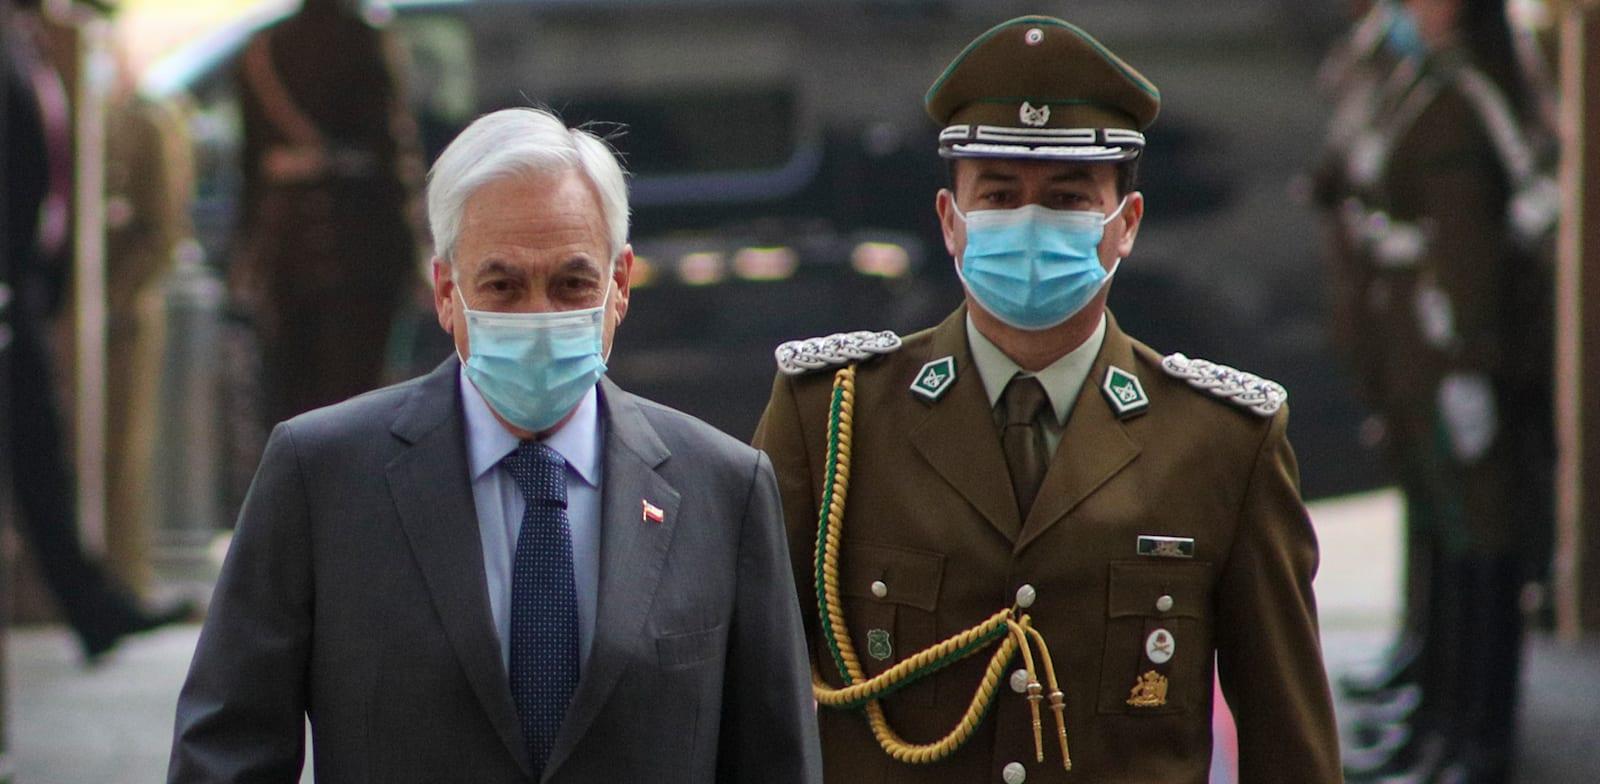 """""""אנחנו לא מספיק מכווננים לדרישות והרצונות של האזרחים"""", אמר נשיא צ'ילה, סבסטיאן פיניירה (משמאל) / צילום: Associated Press, Esteban Felix"""